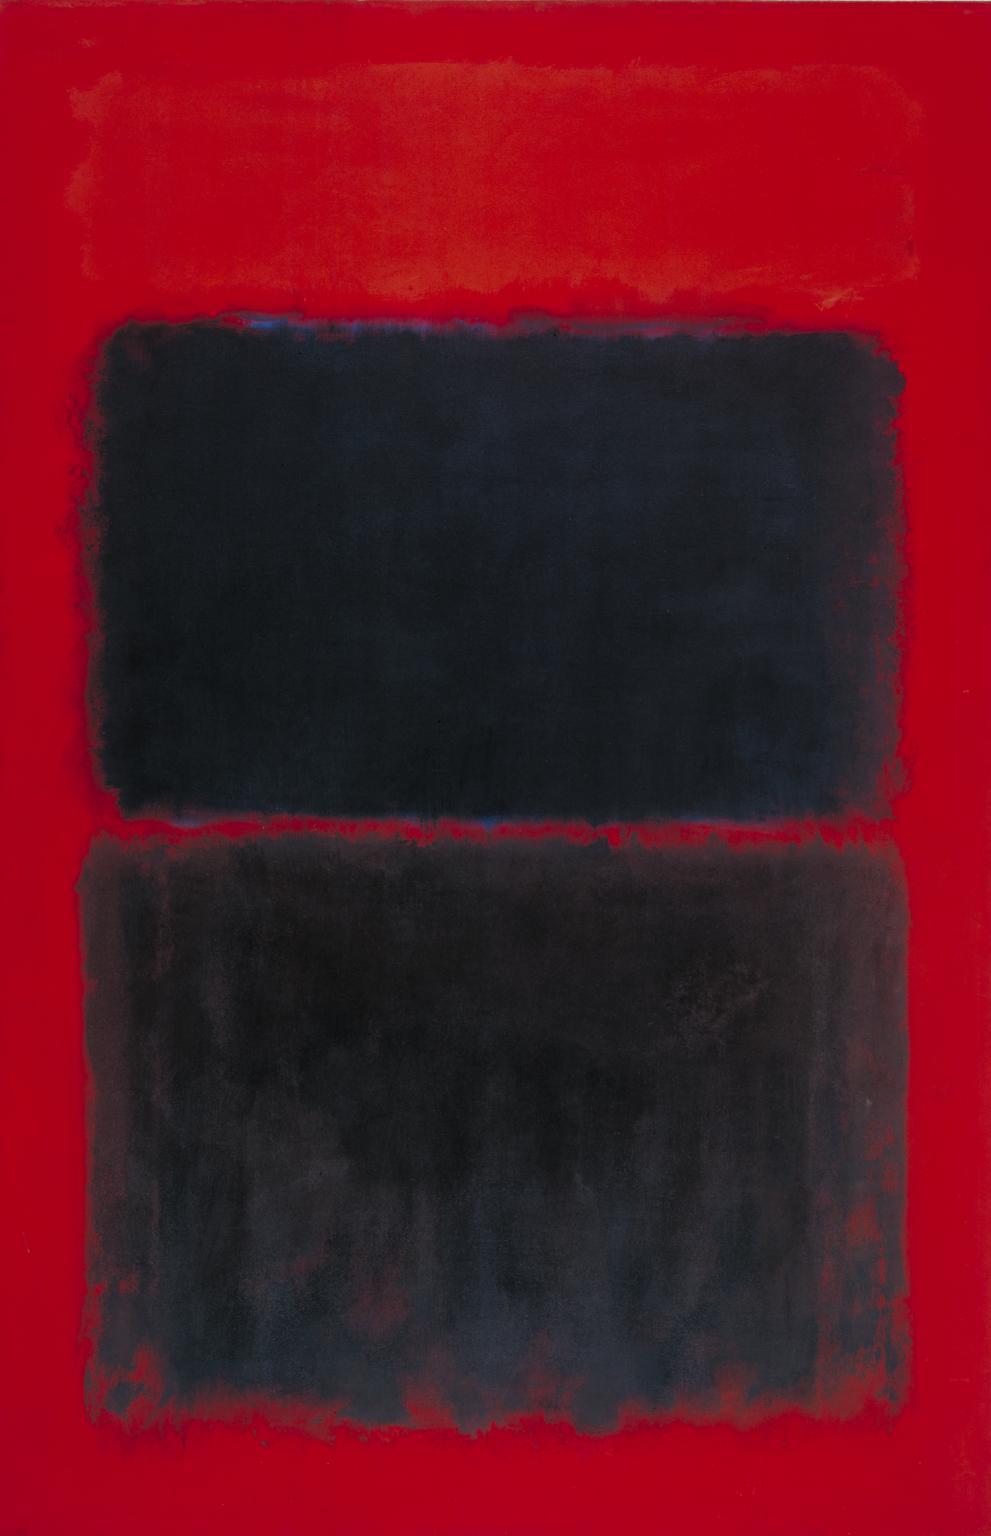 «Світло червоне над чорним», Марк Ротко, 1957. Світлина: Tate